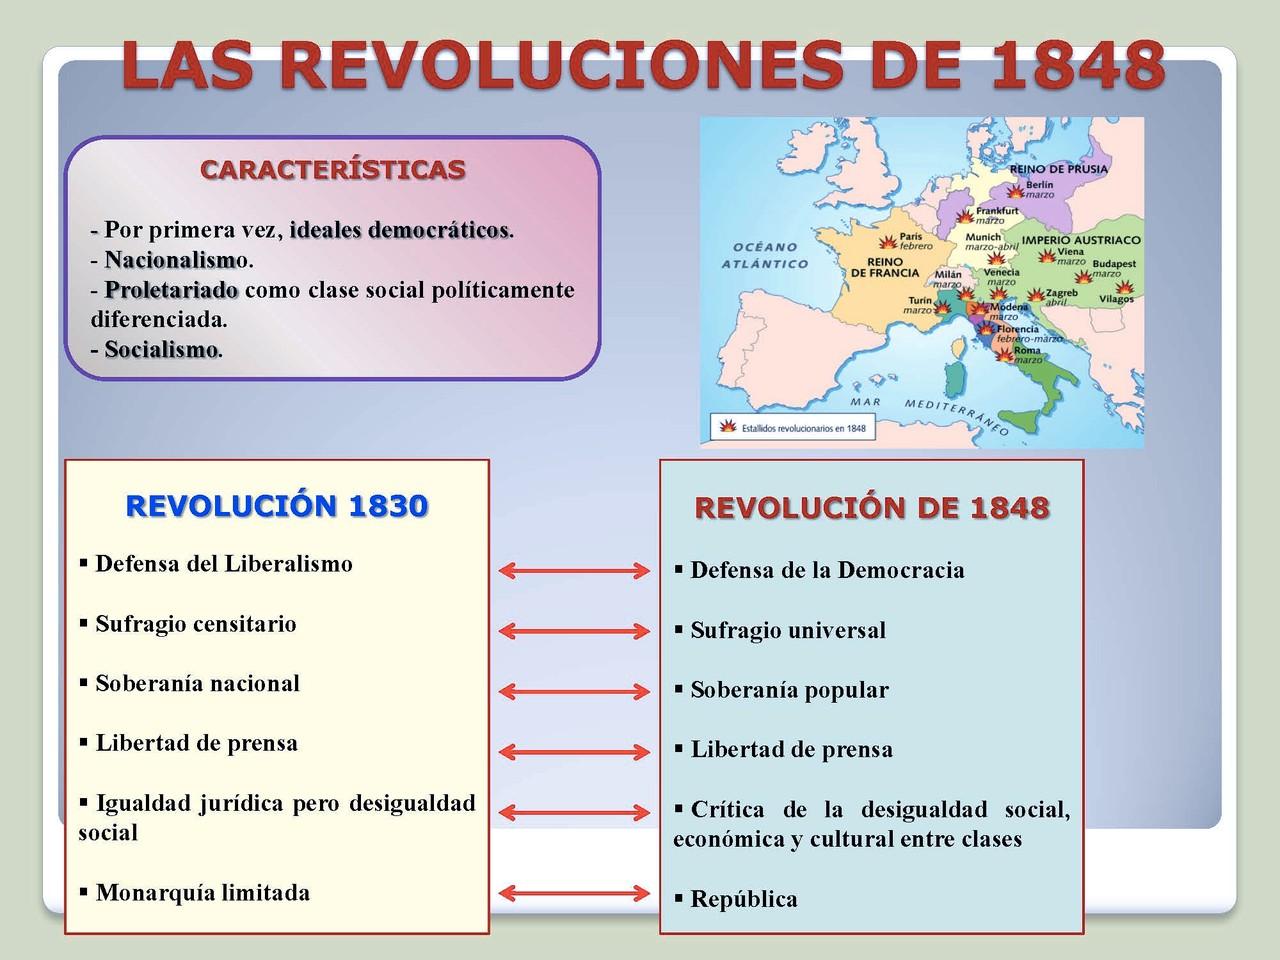 Características de la revolución de 1848.